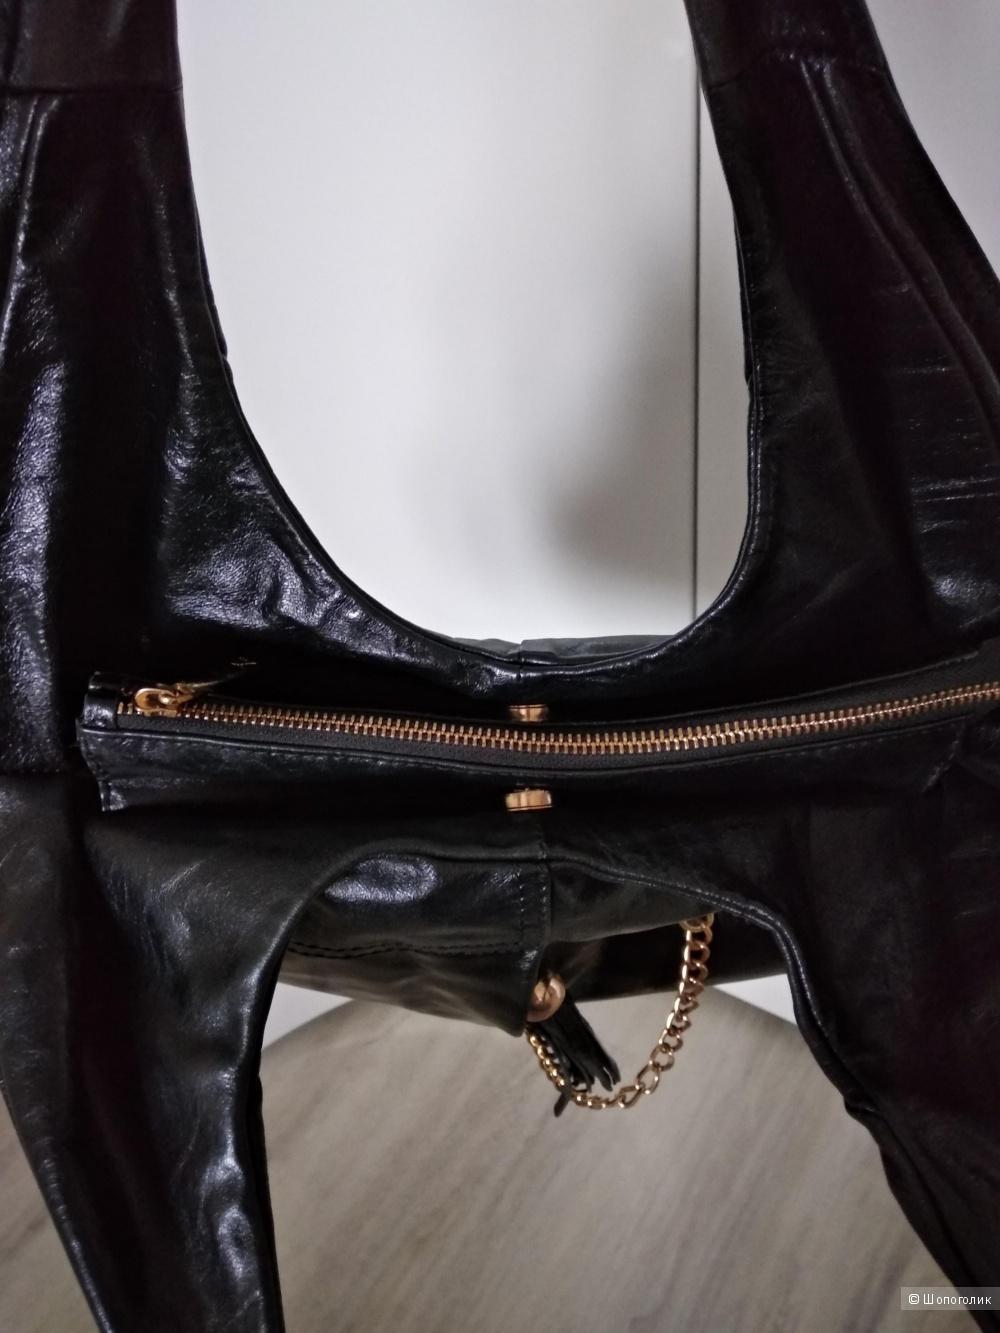 Кожаная сумка Francesco marconi